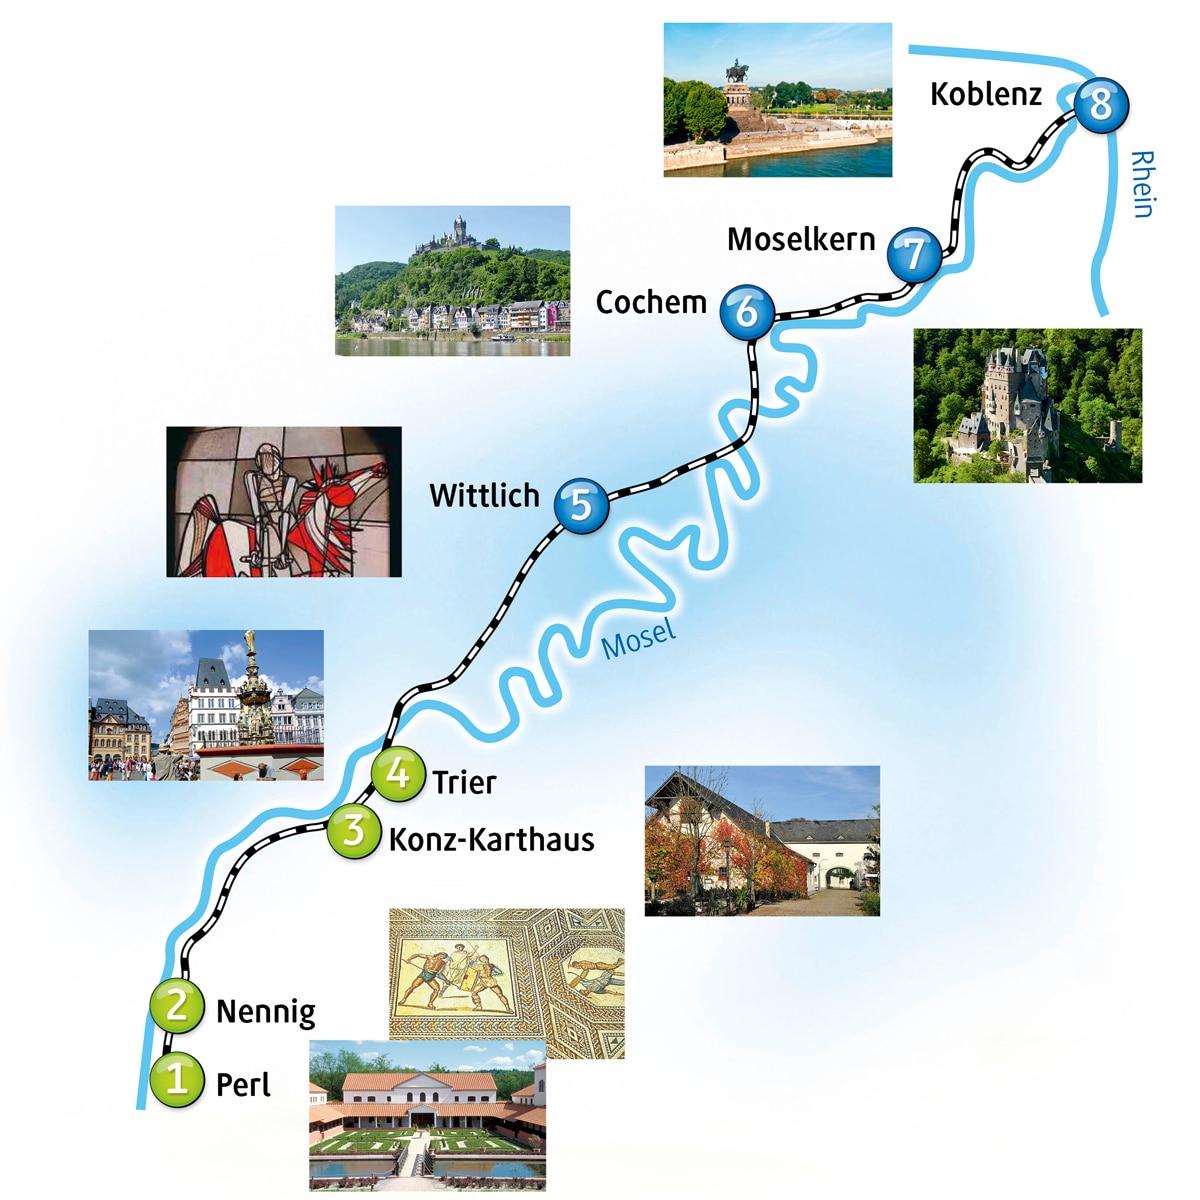 Tourismus-Tipps mit der Moseltalbahn